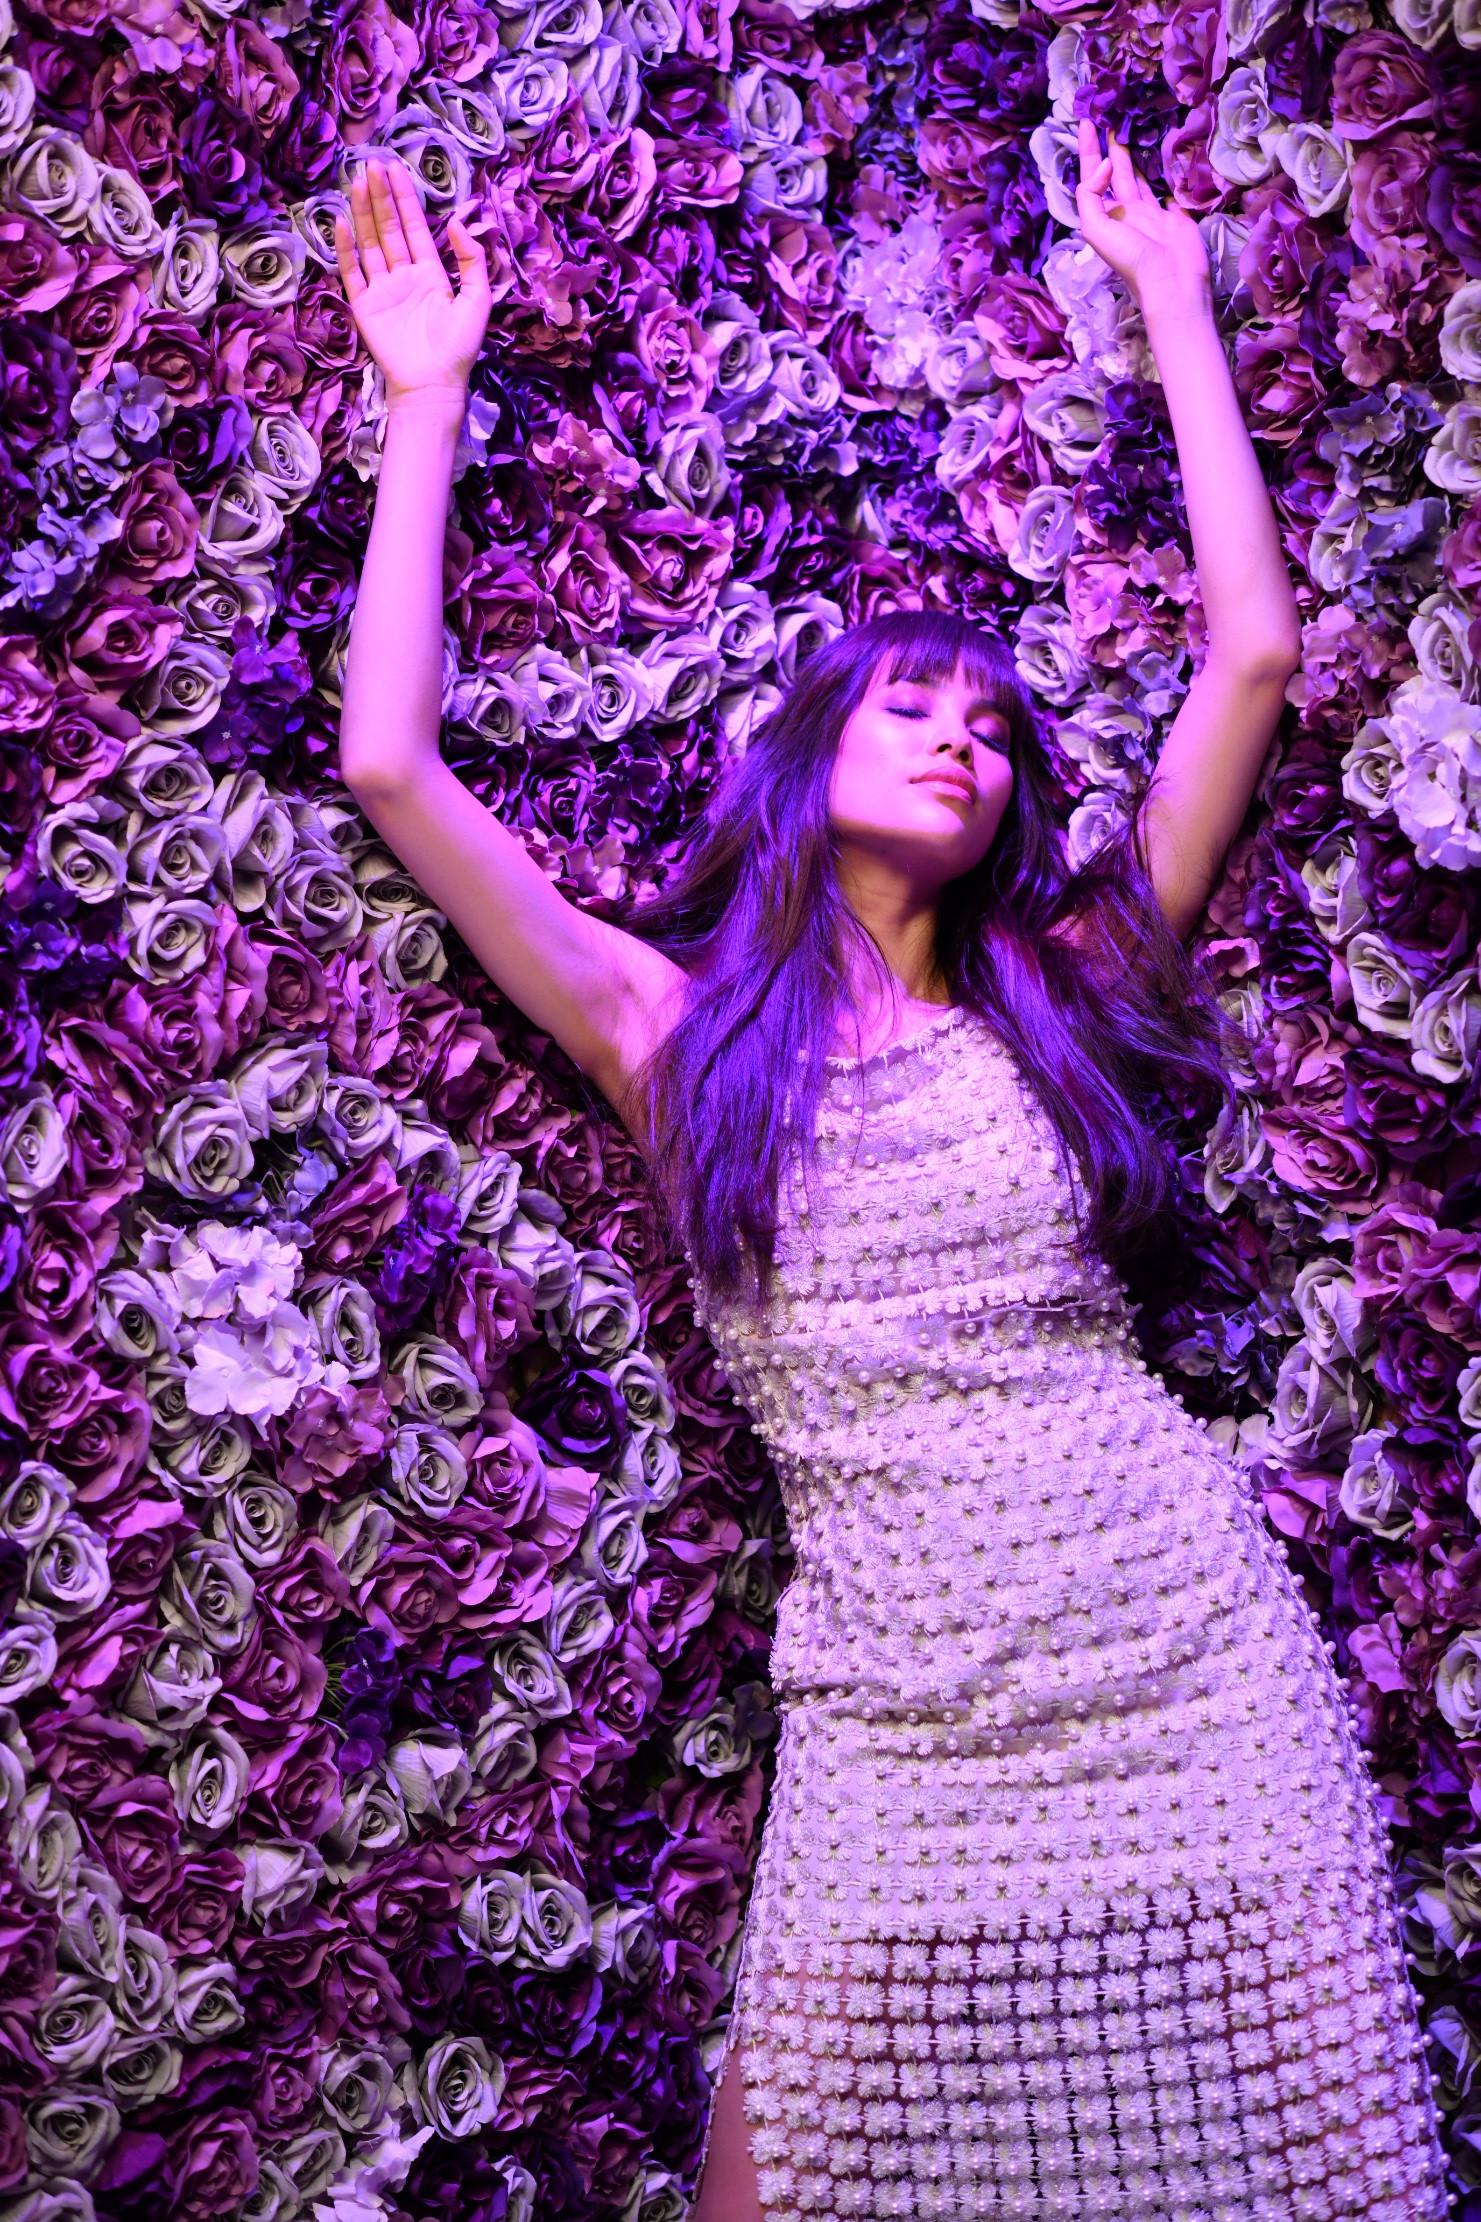 Hoa hậu Phạm Hương lên tiếng khi bị nhận xét ăn mặc quá sexy Ảnh 8